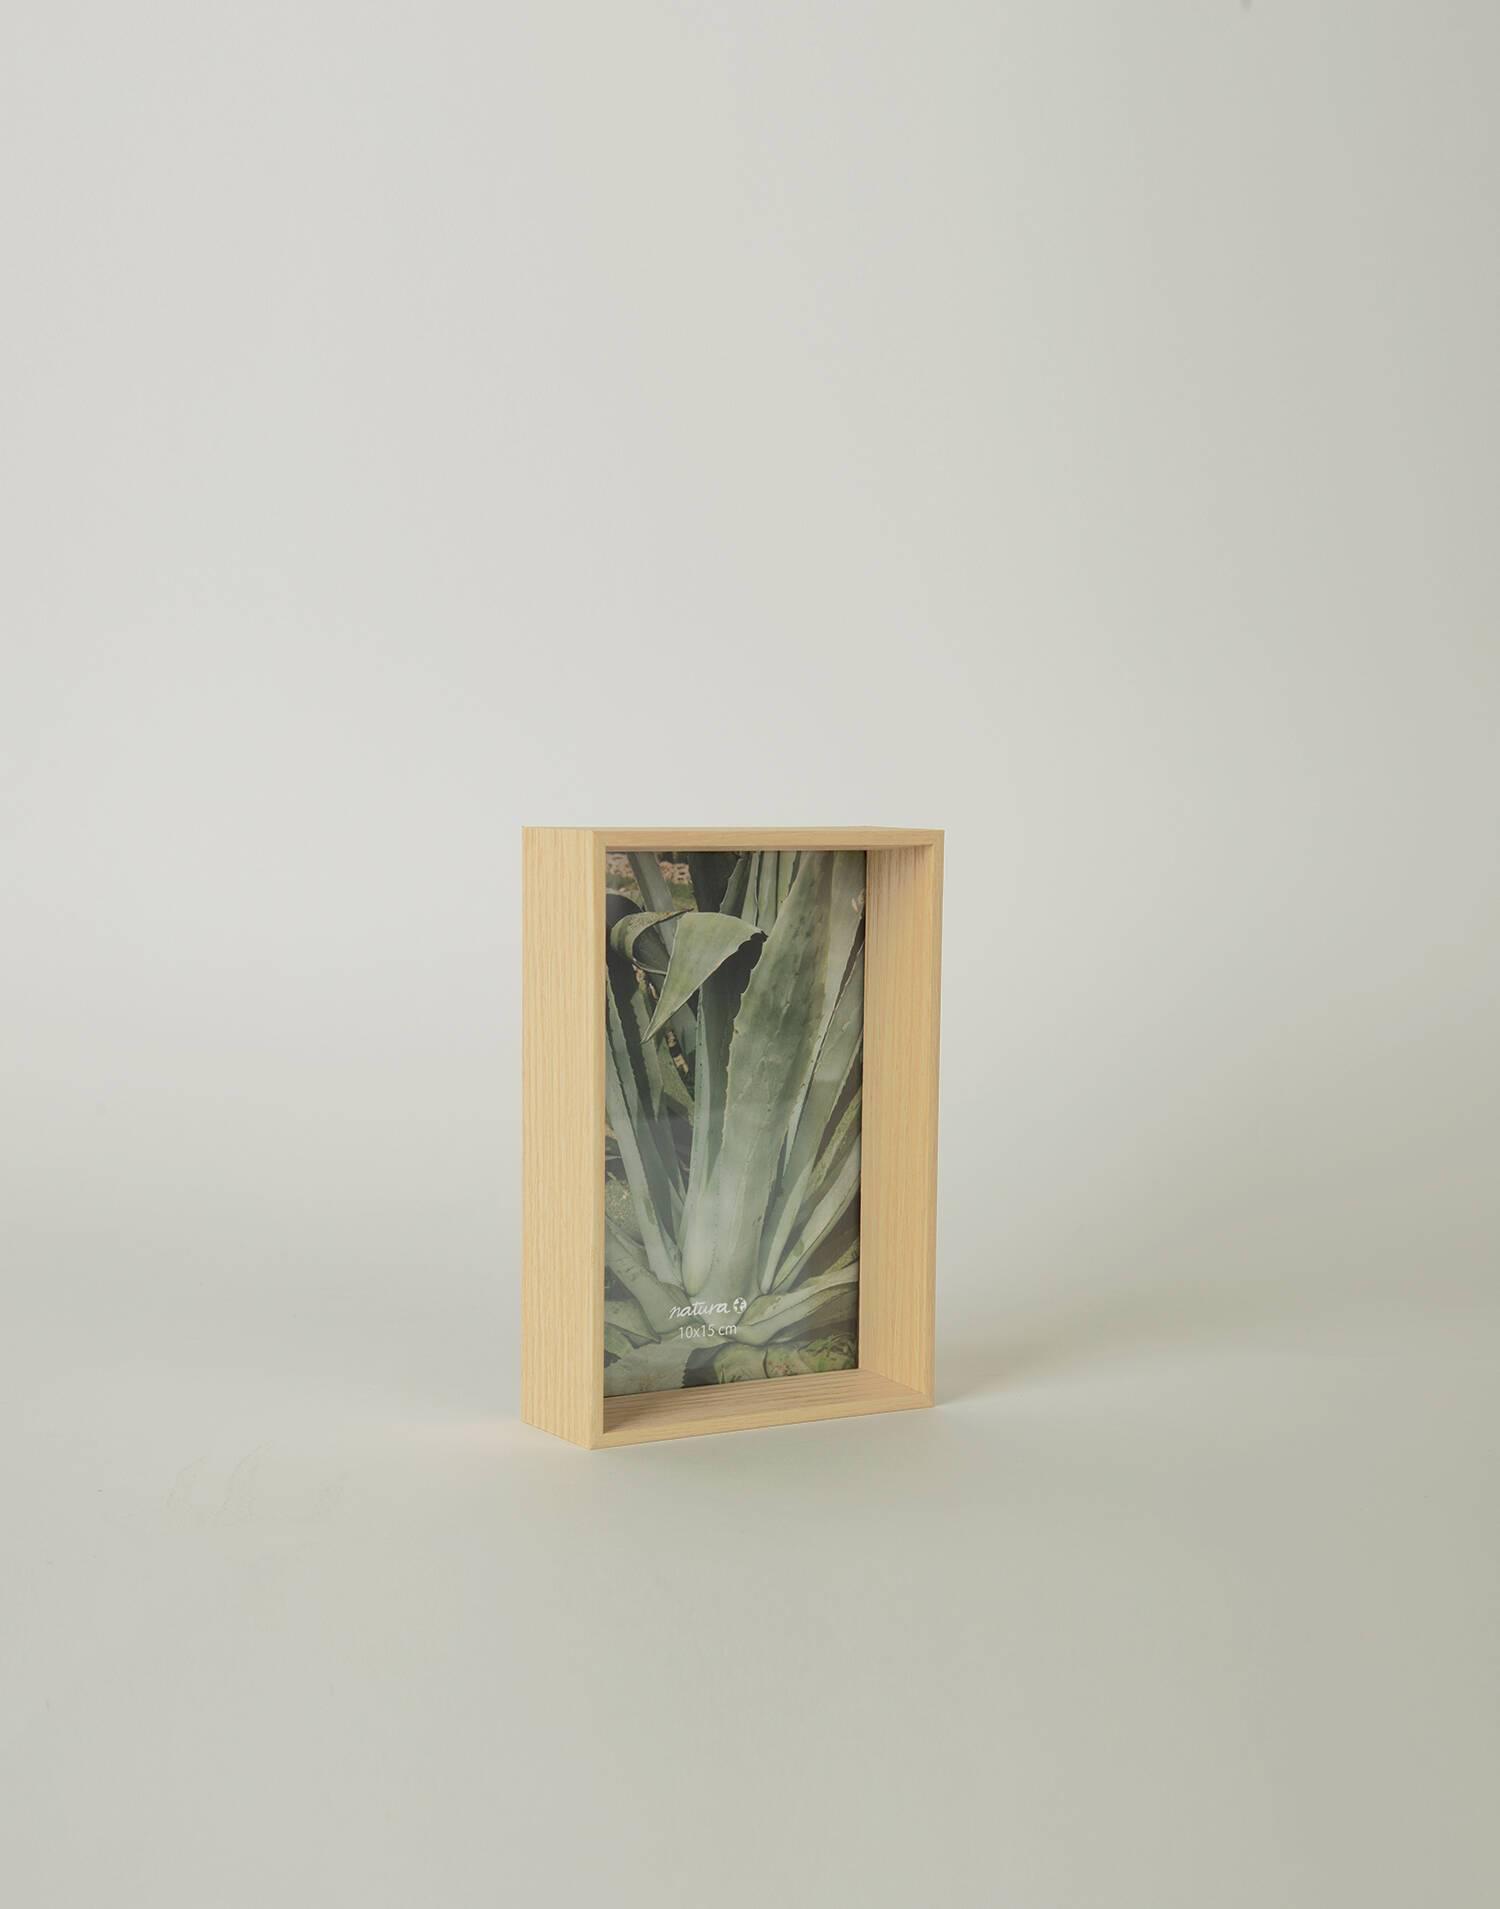 Streisand frame 10x15 cm